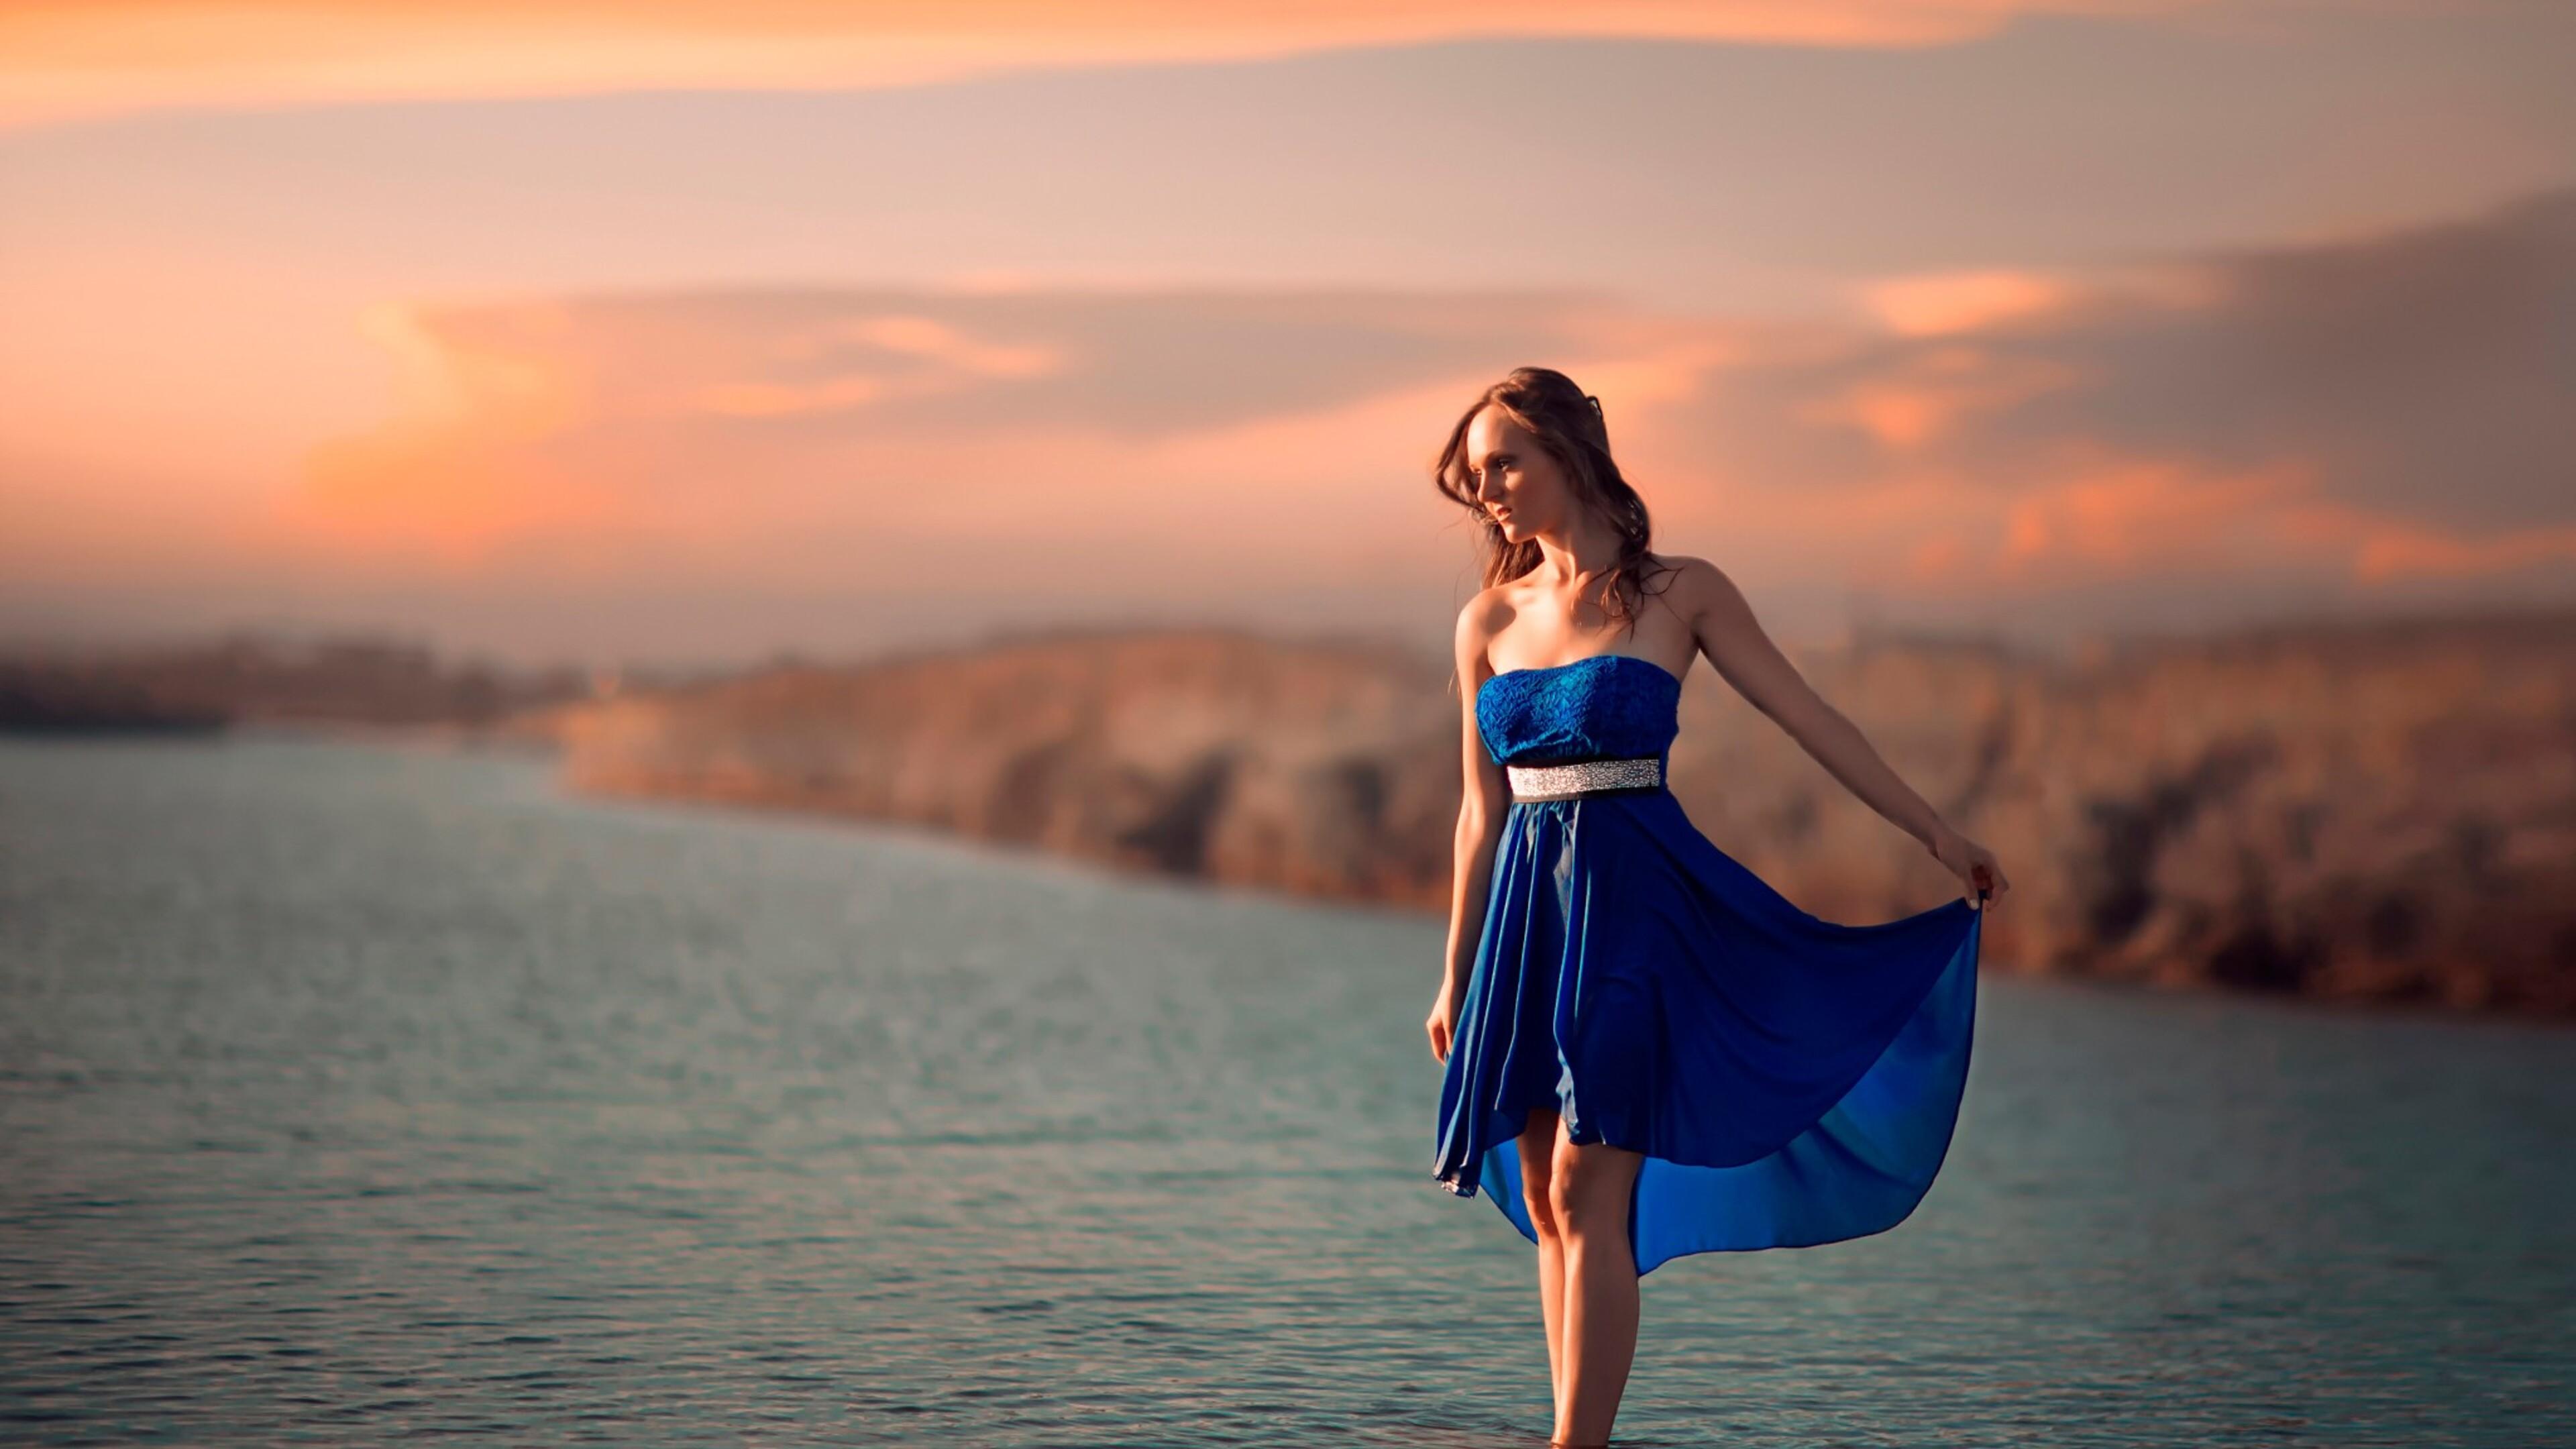 women-outdoor-sea-4k.jpg